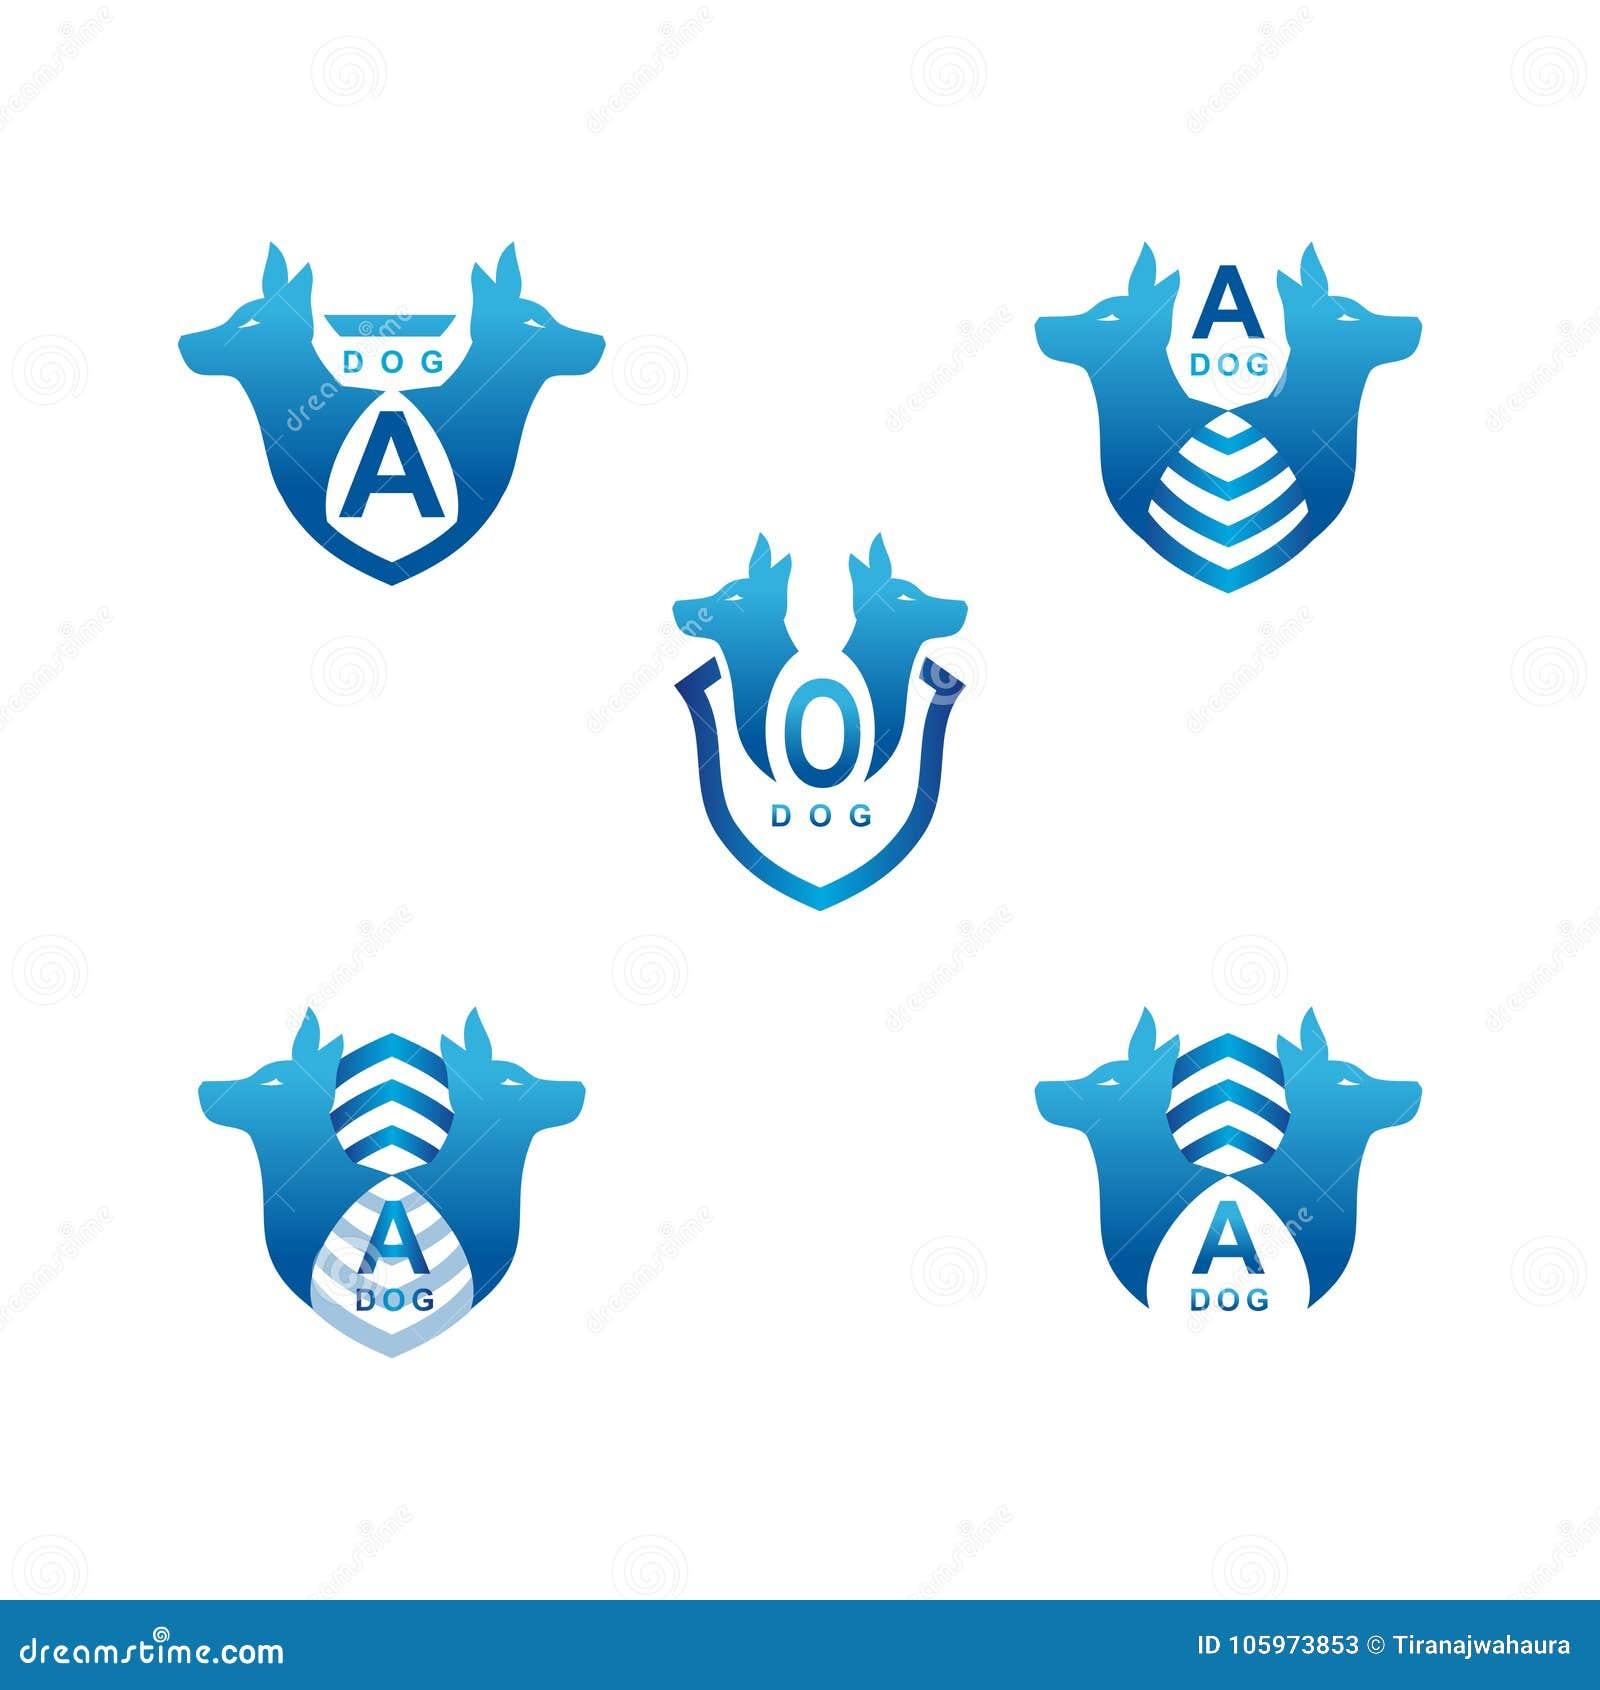 Dog Logo With Emblem Design Stock Vector Illustration Of Emblem